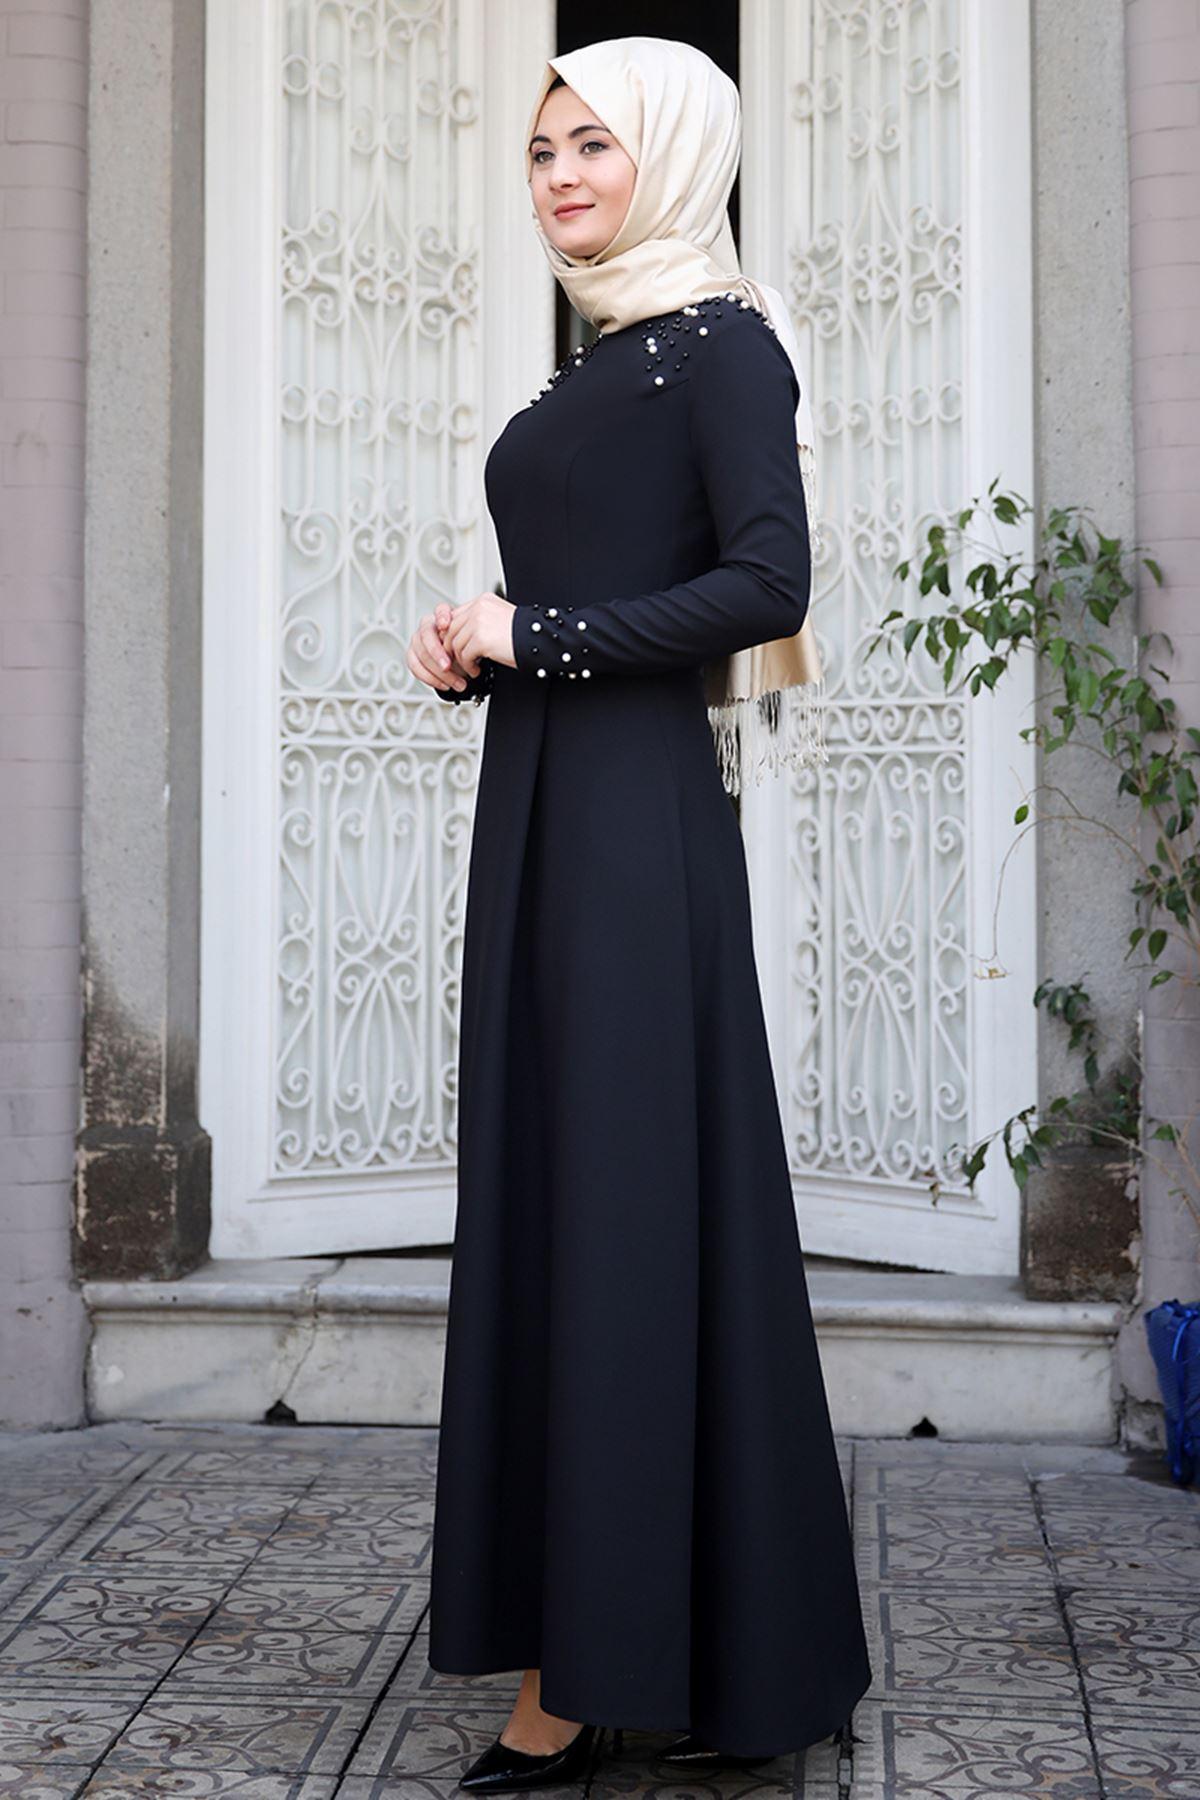 Sümay Omuz Taşlı Elbise Siyah SÜM5007